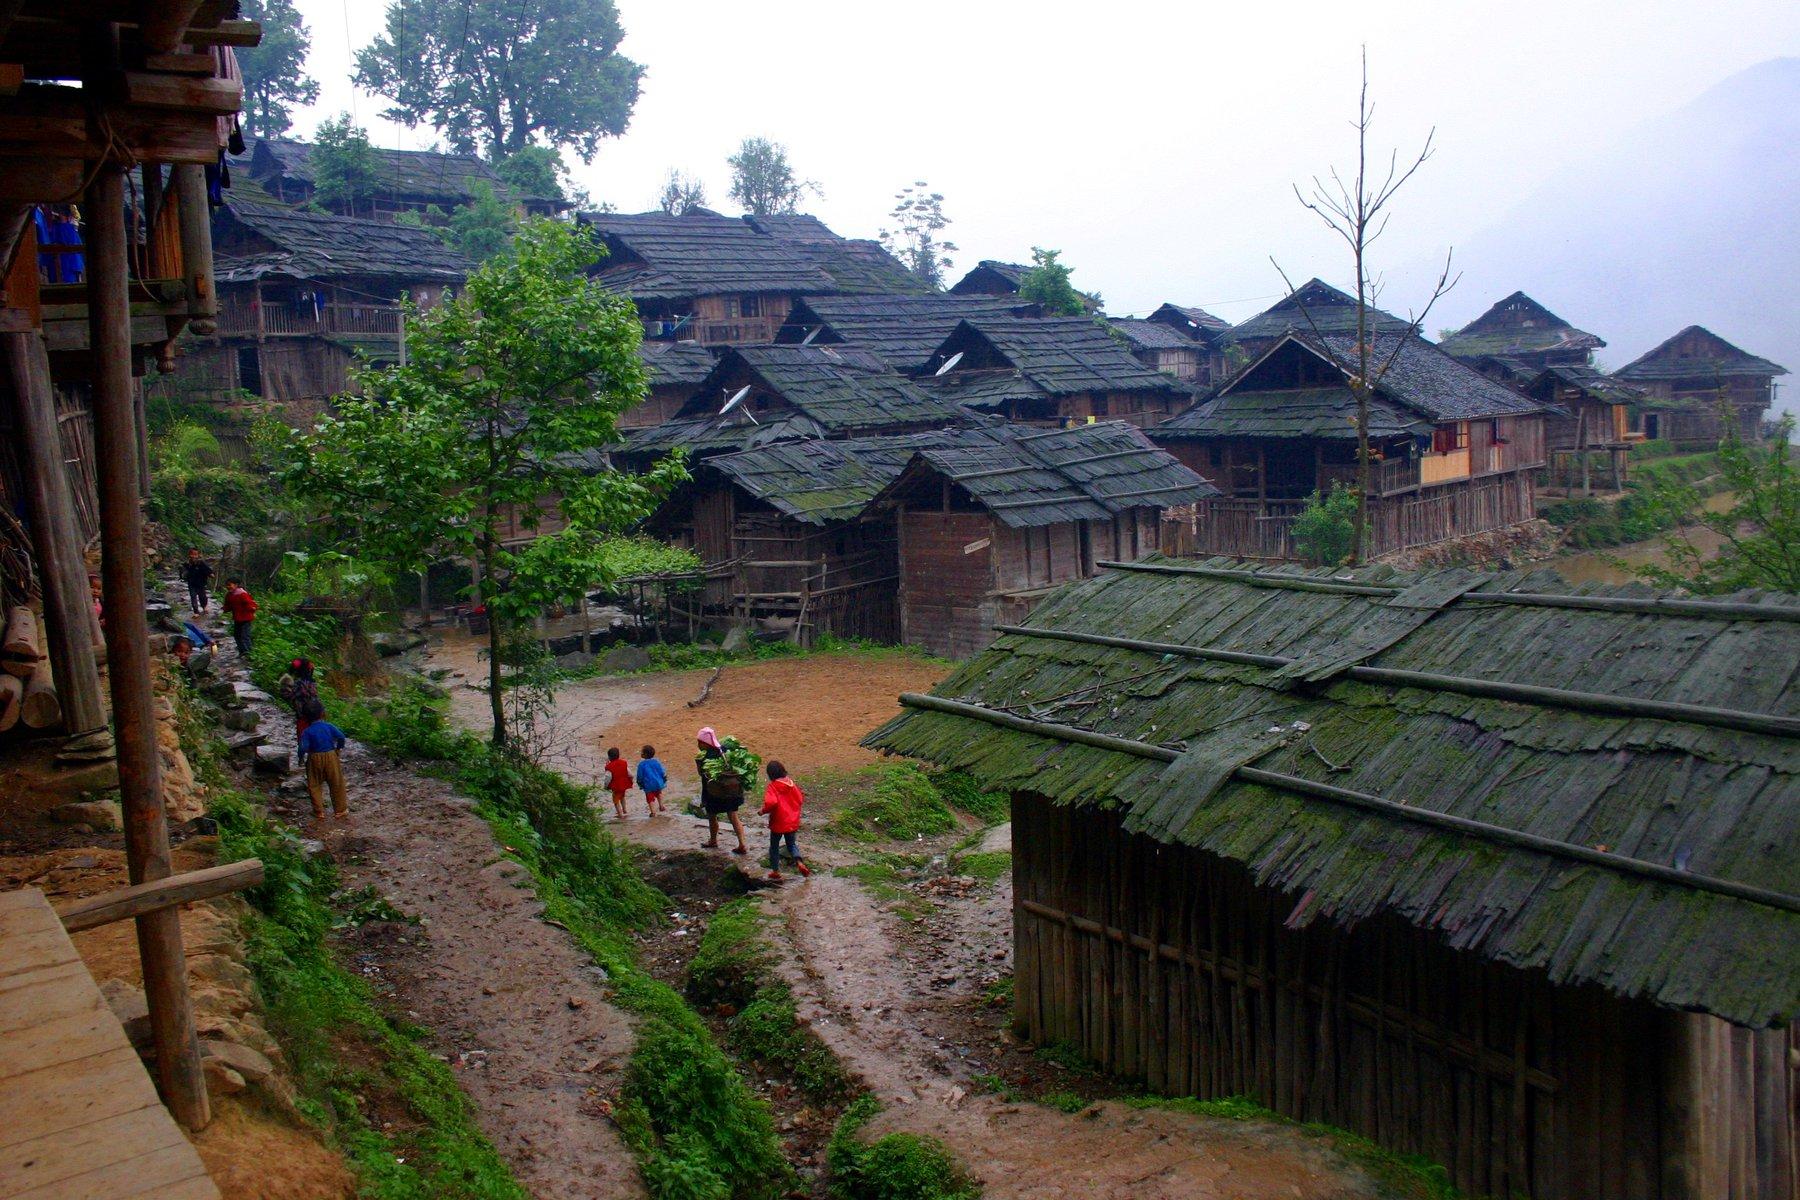 Kina vill vacka liv i landsbygden